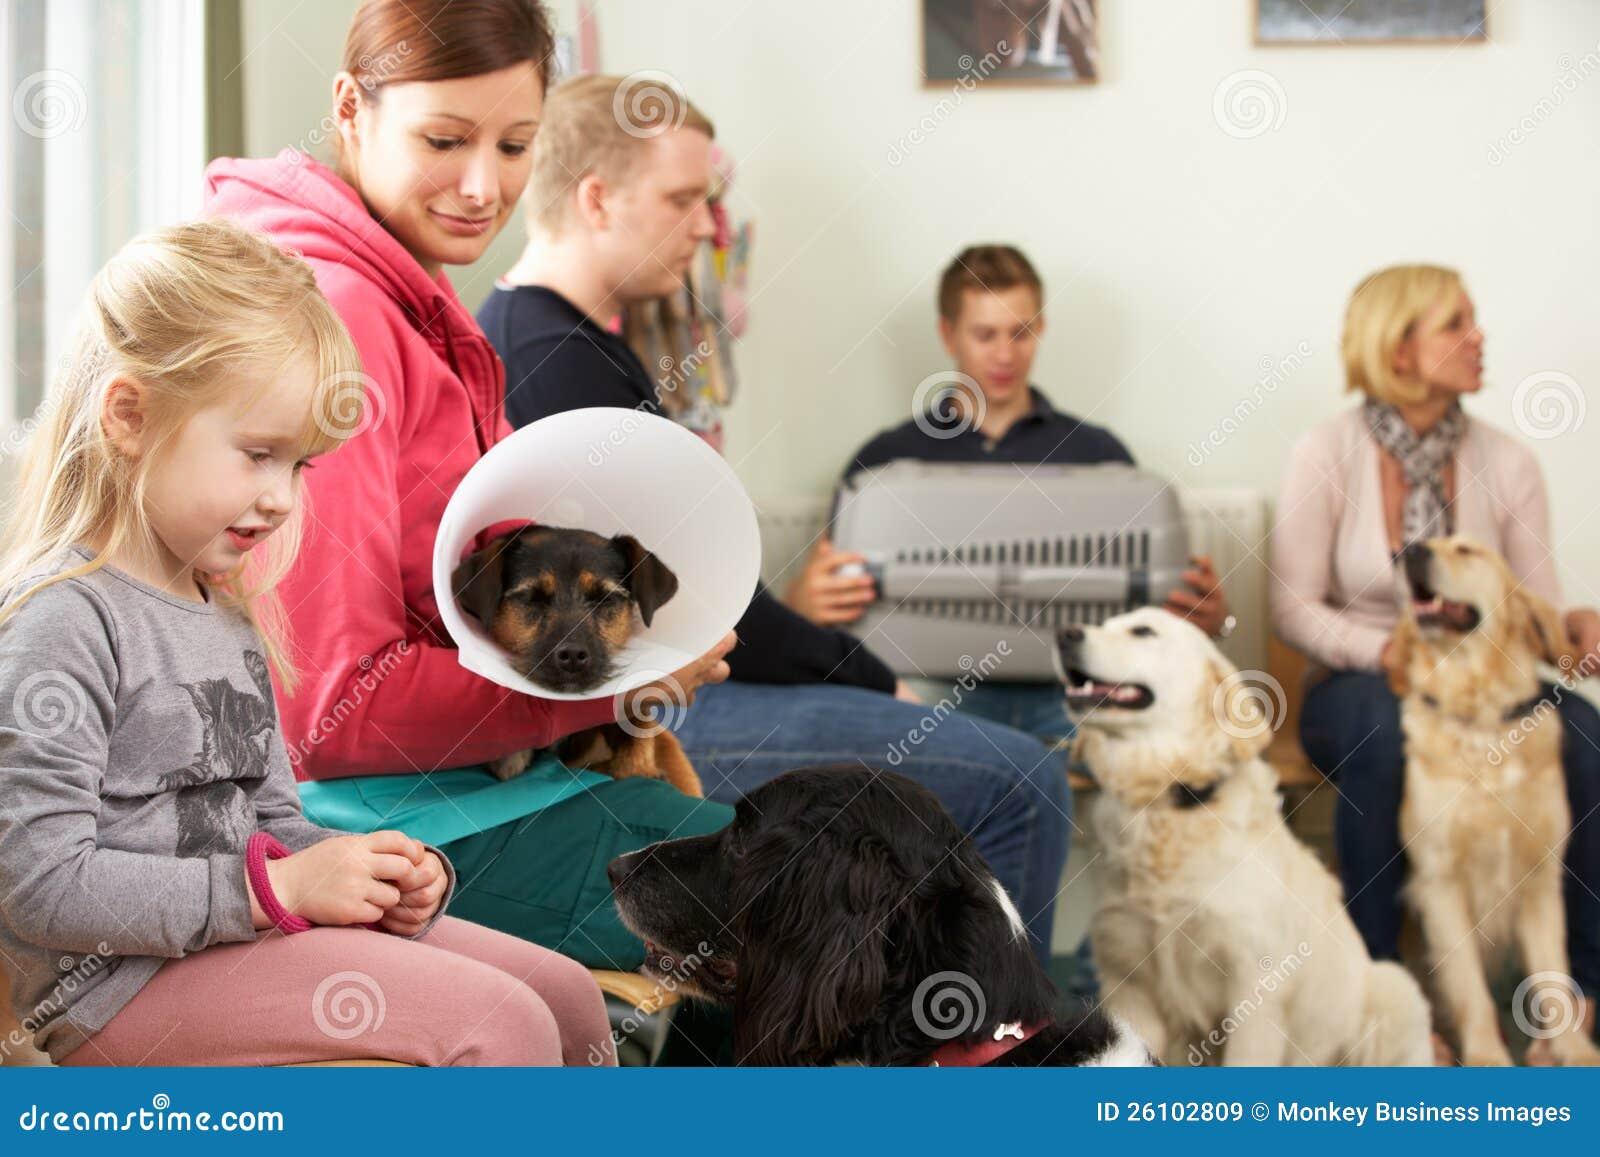 兽医手术的繁忙的候诊室